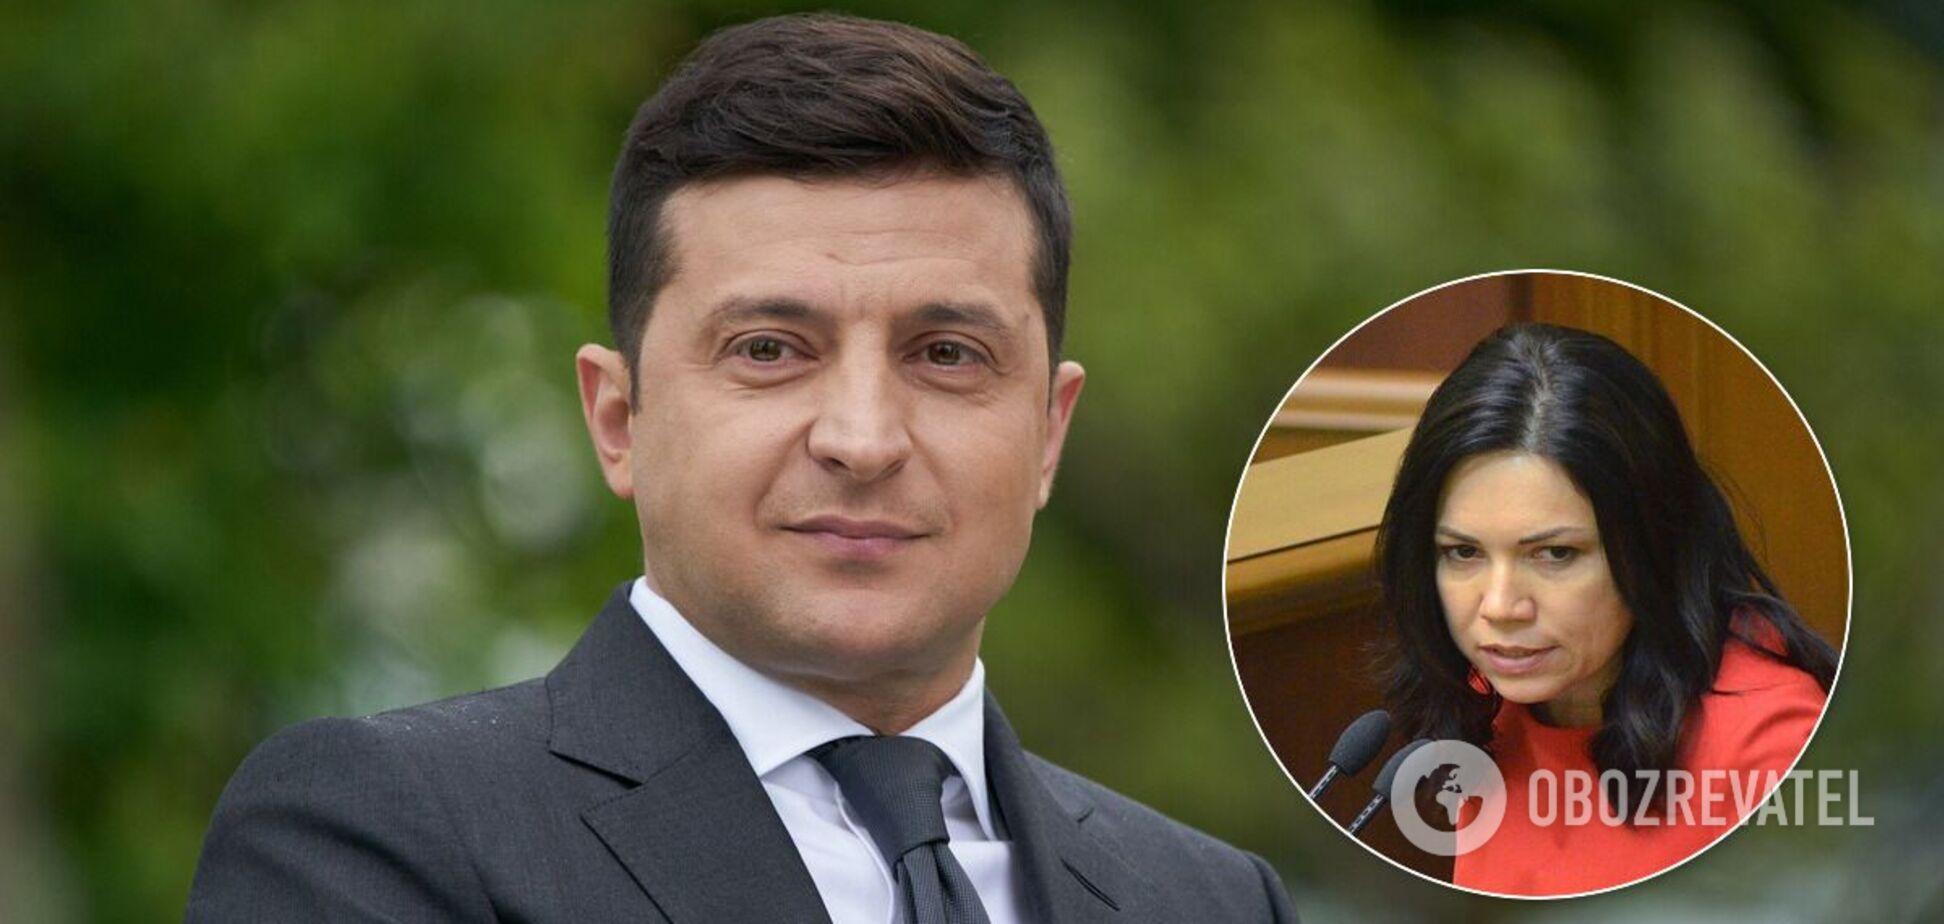 Сюмар розкритикувала послання Зеленського до українців у Раді